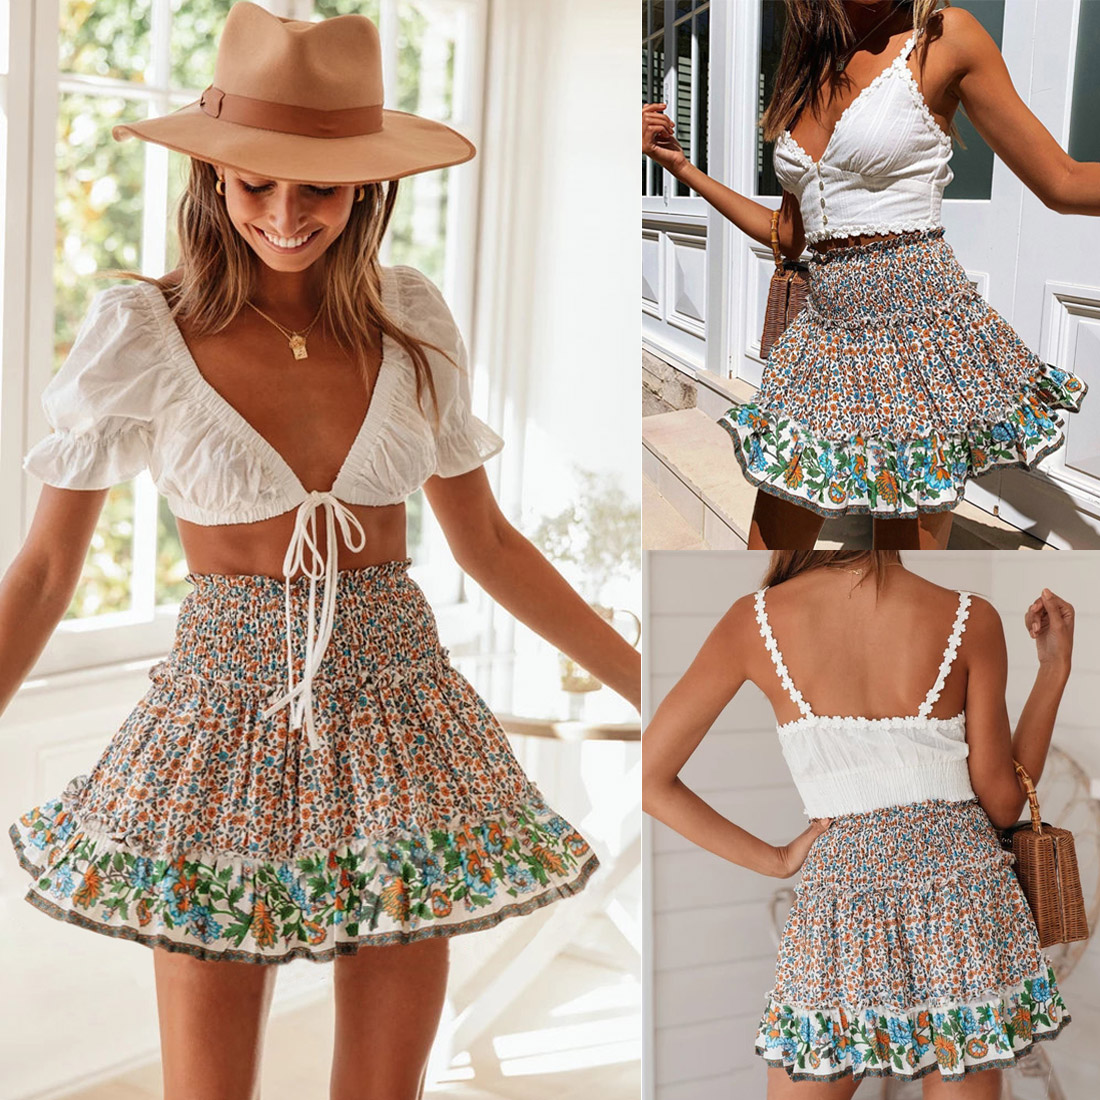 Hot Women Floral Elastic High Waist Short Skirts Ruffled Beach Casual Boho Skirt